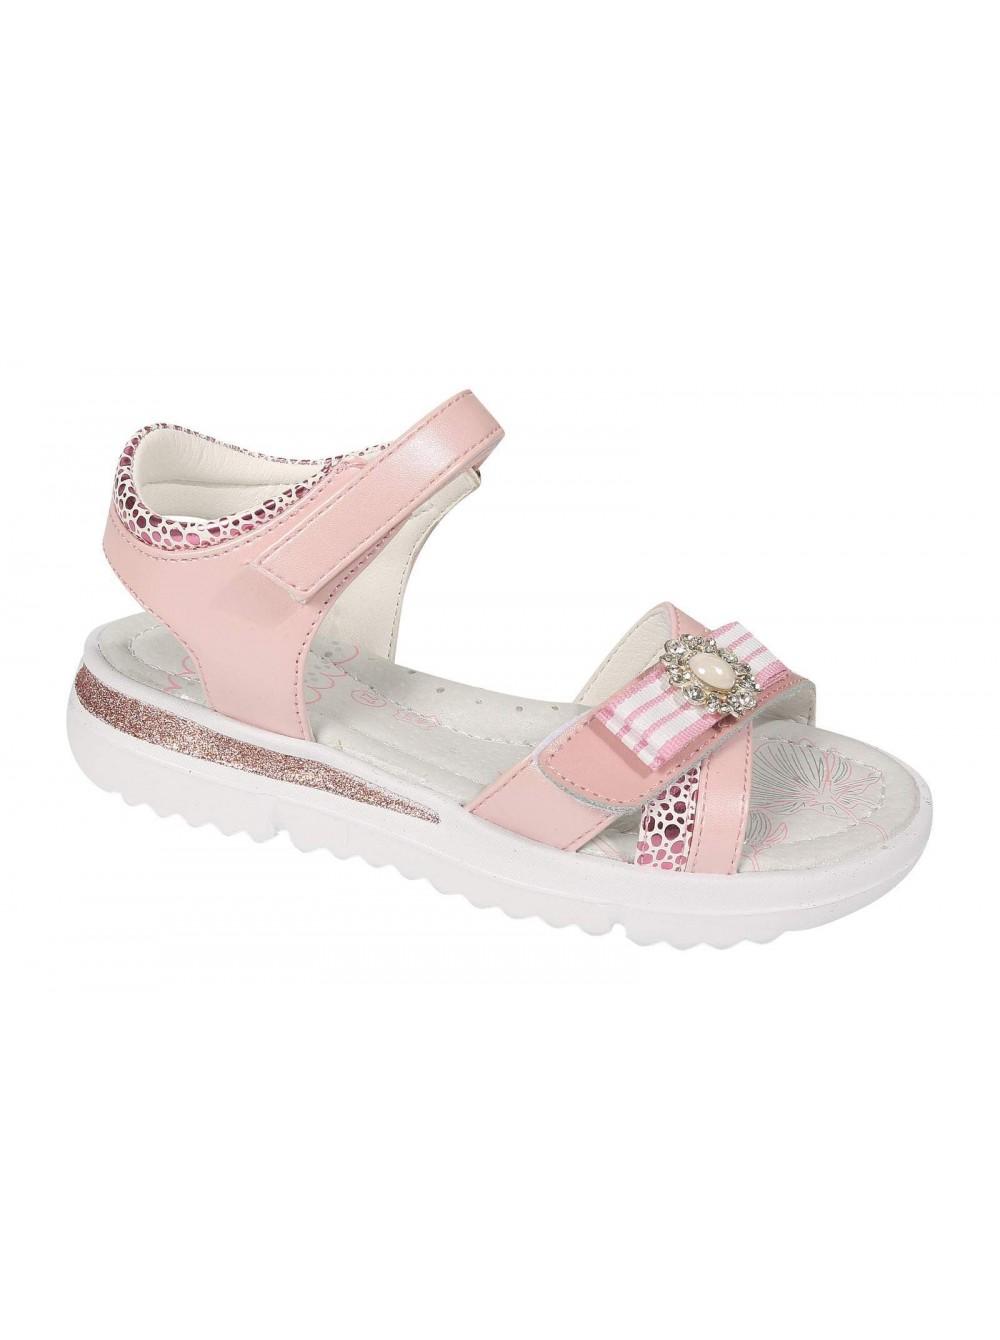 Туфли открытые Tom&Miki B-7220-B розовый (26-31)